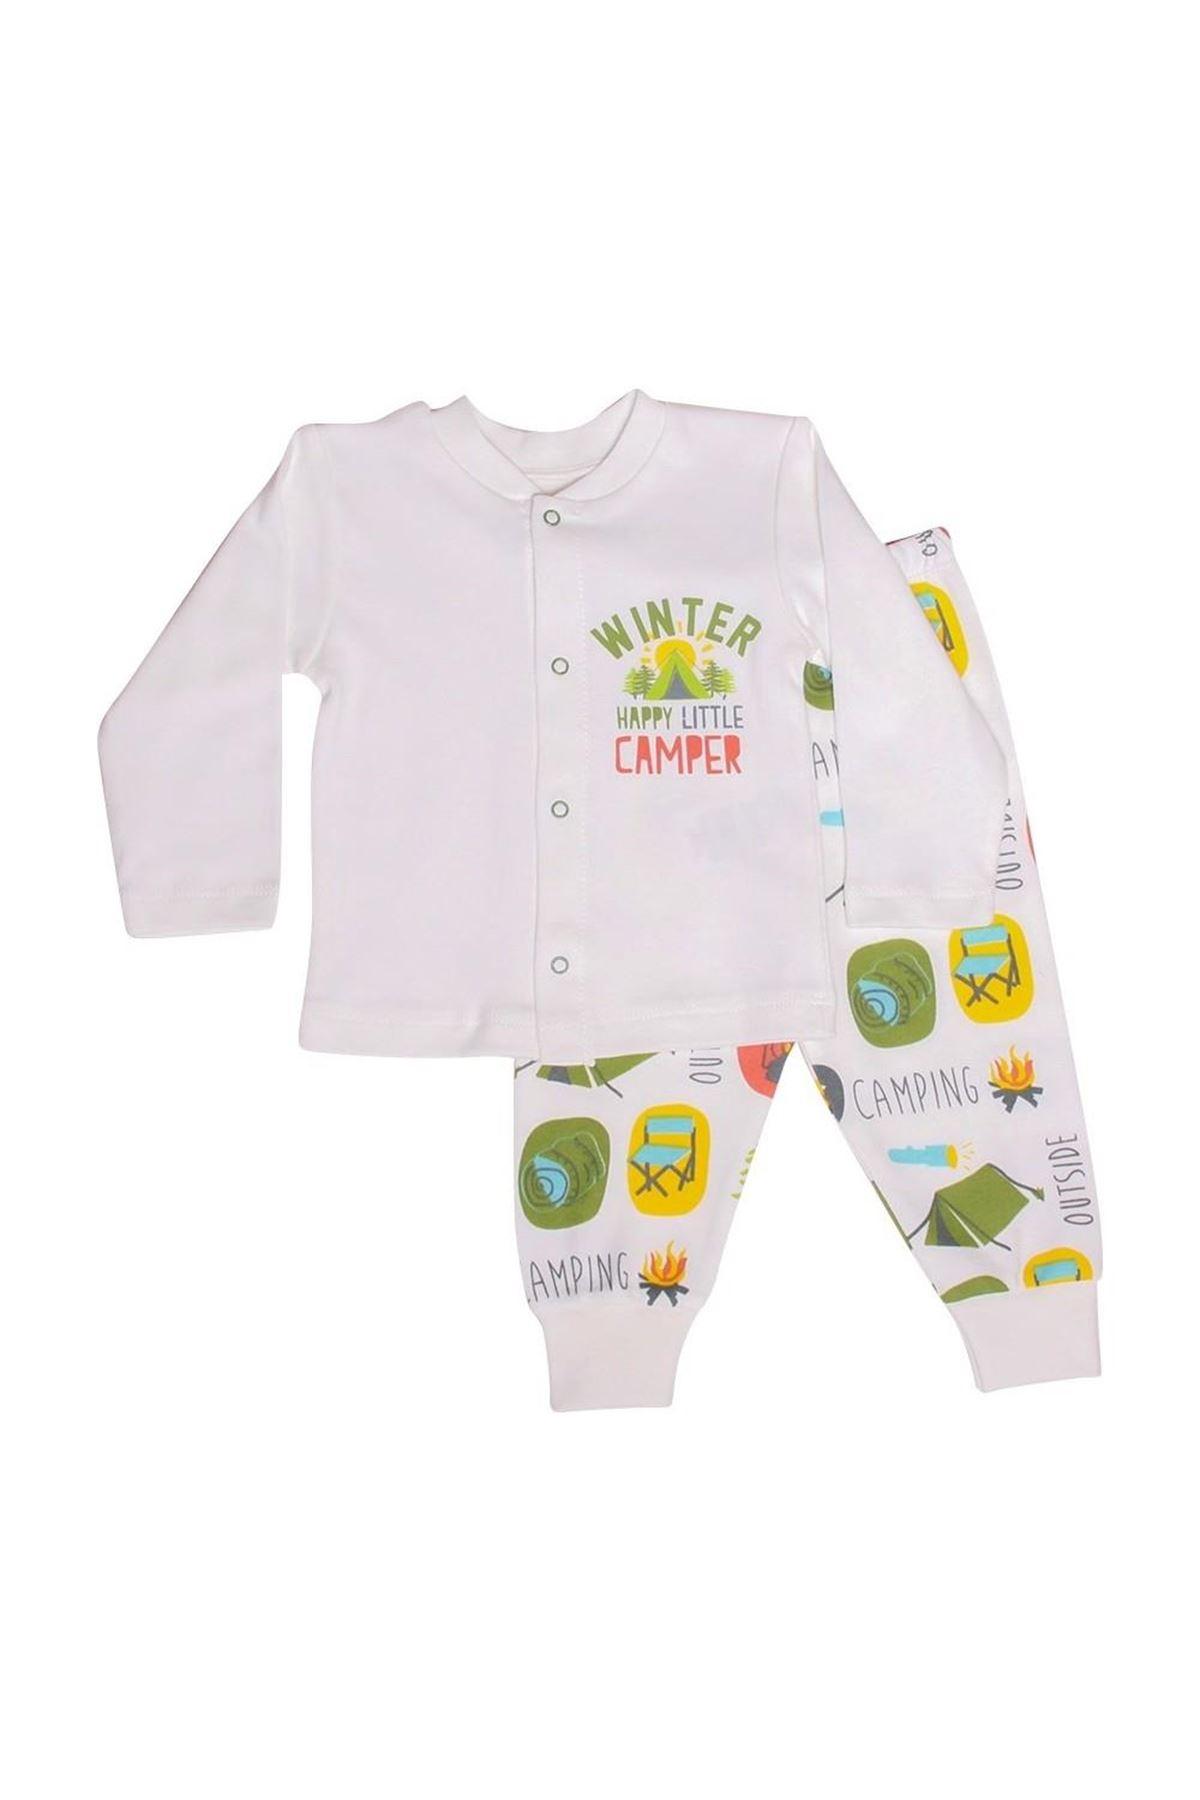 Luggi Baby Bebek Pijama Takımı LG-5007 Karışık Renkli